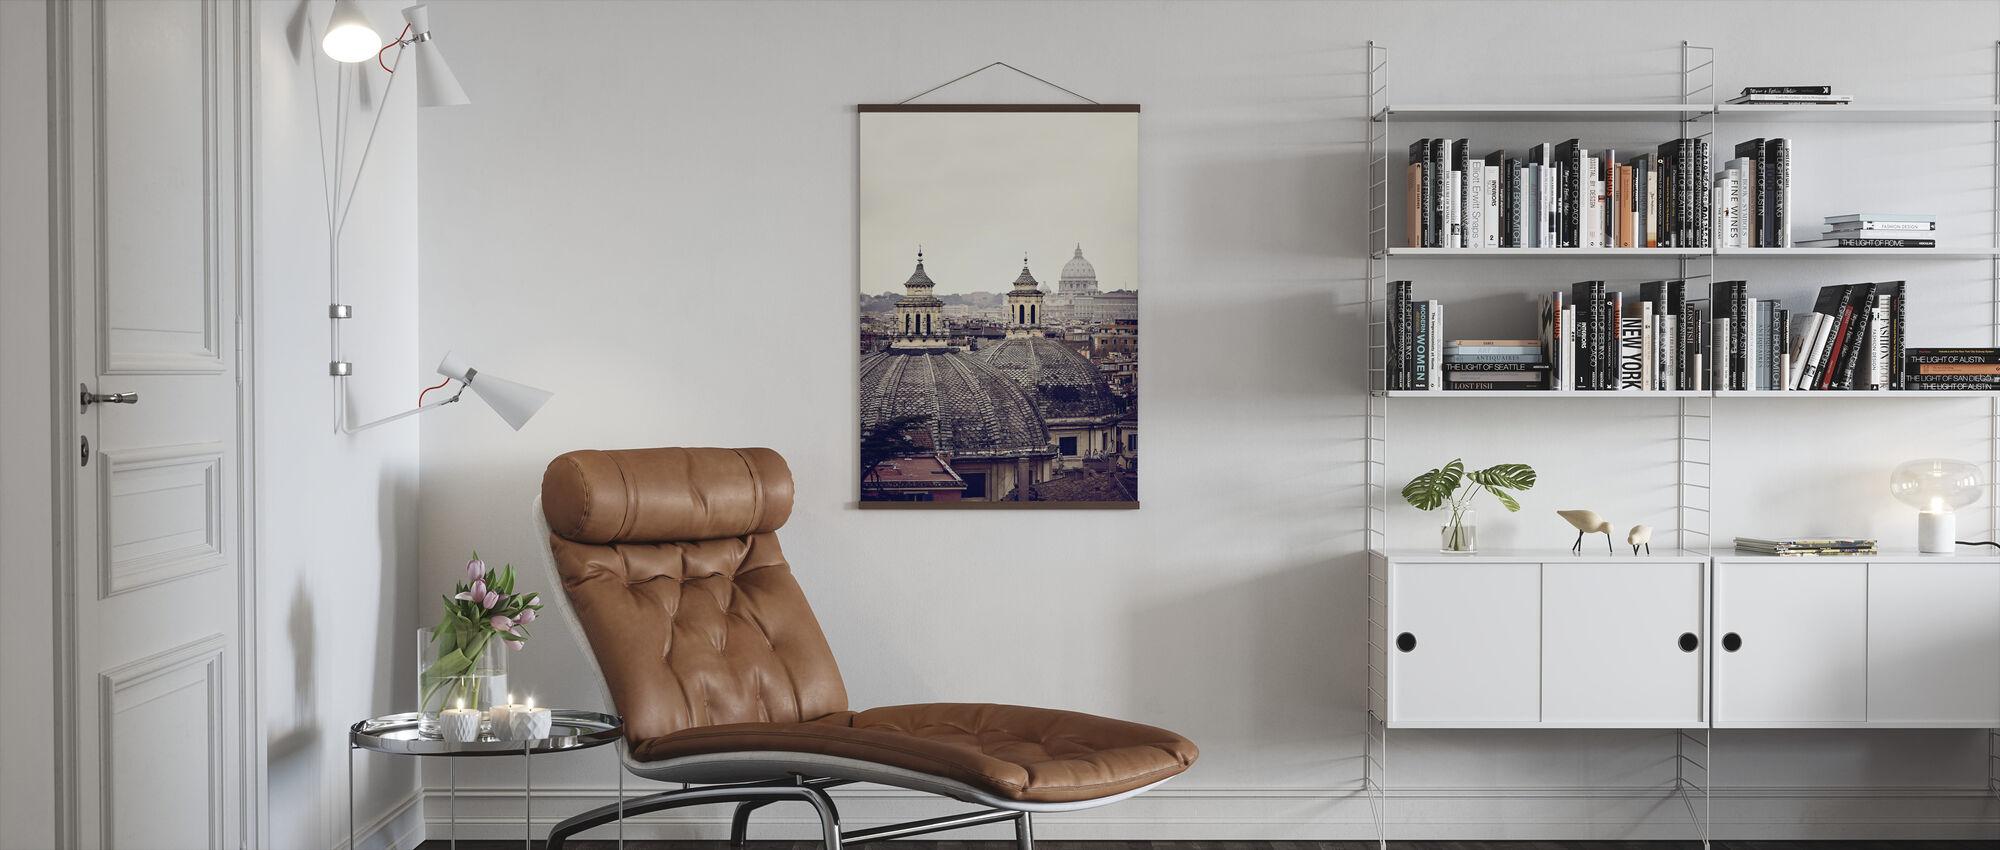 Koepels van Rome - Poster - Woonkamer